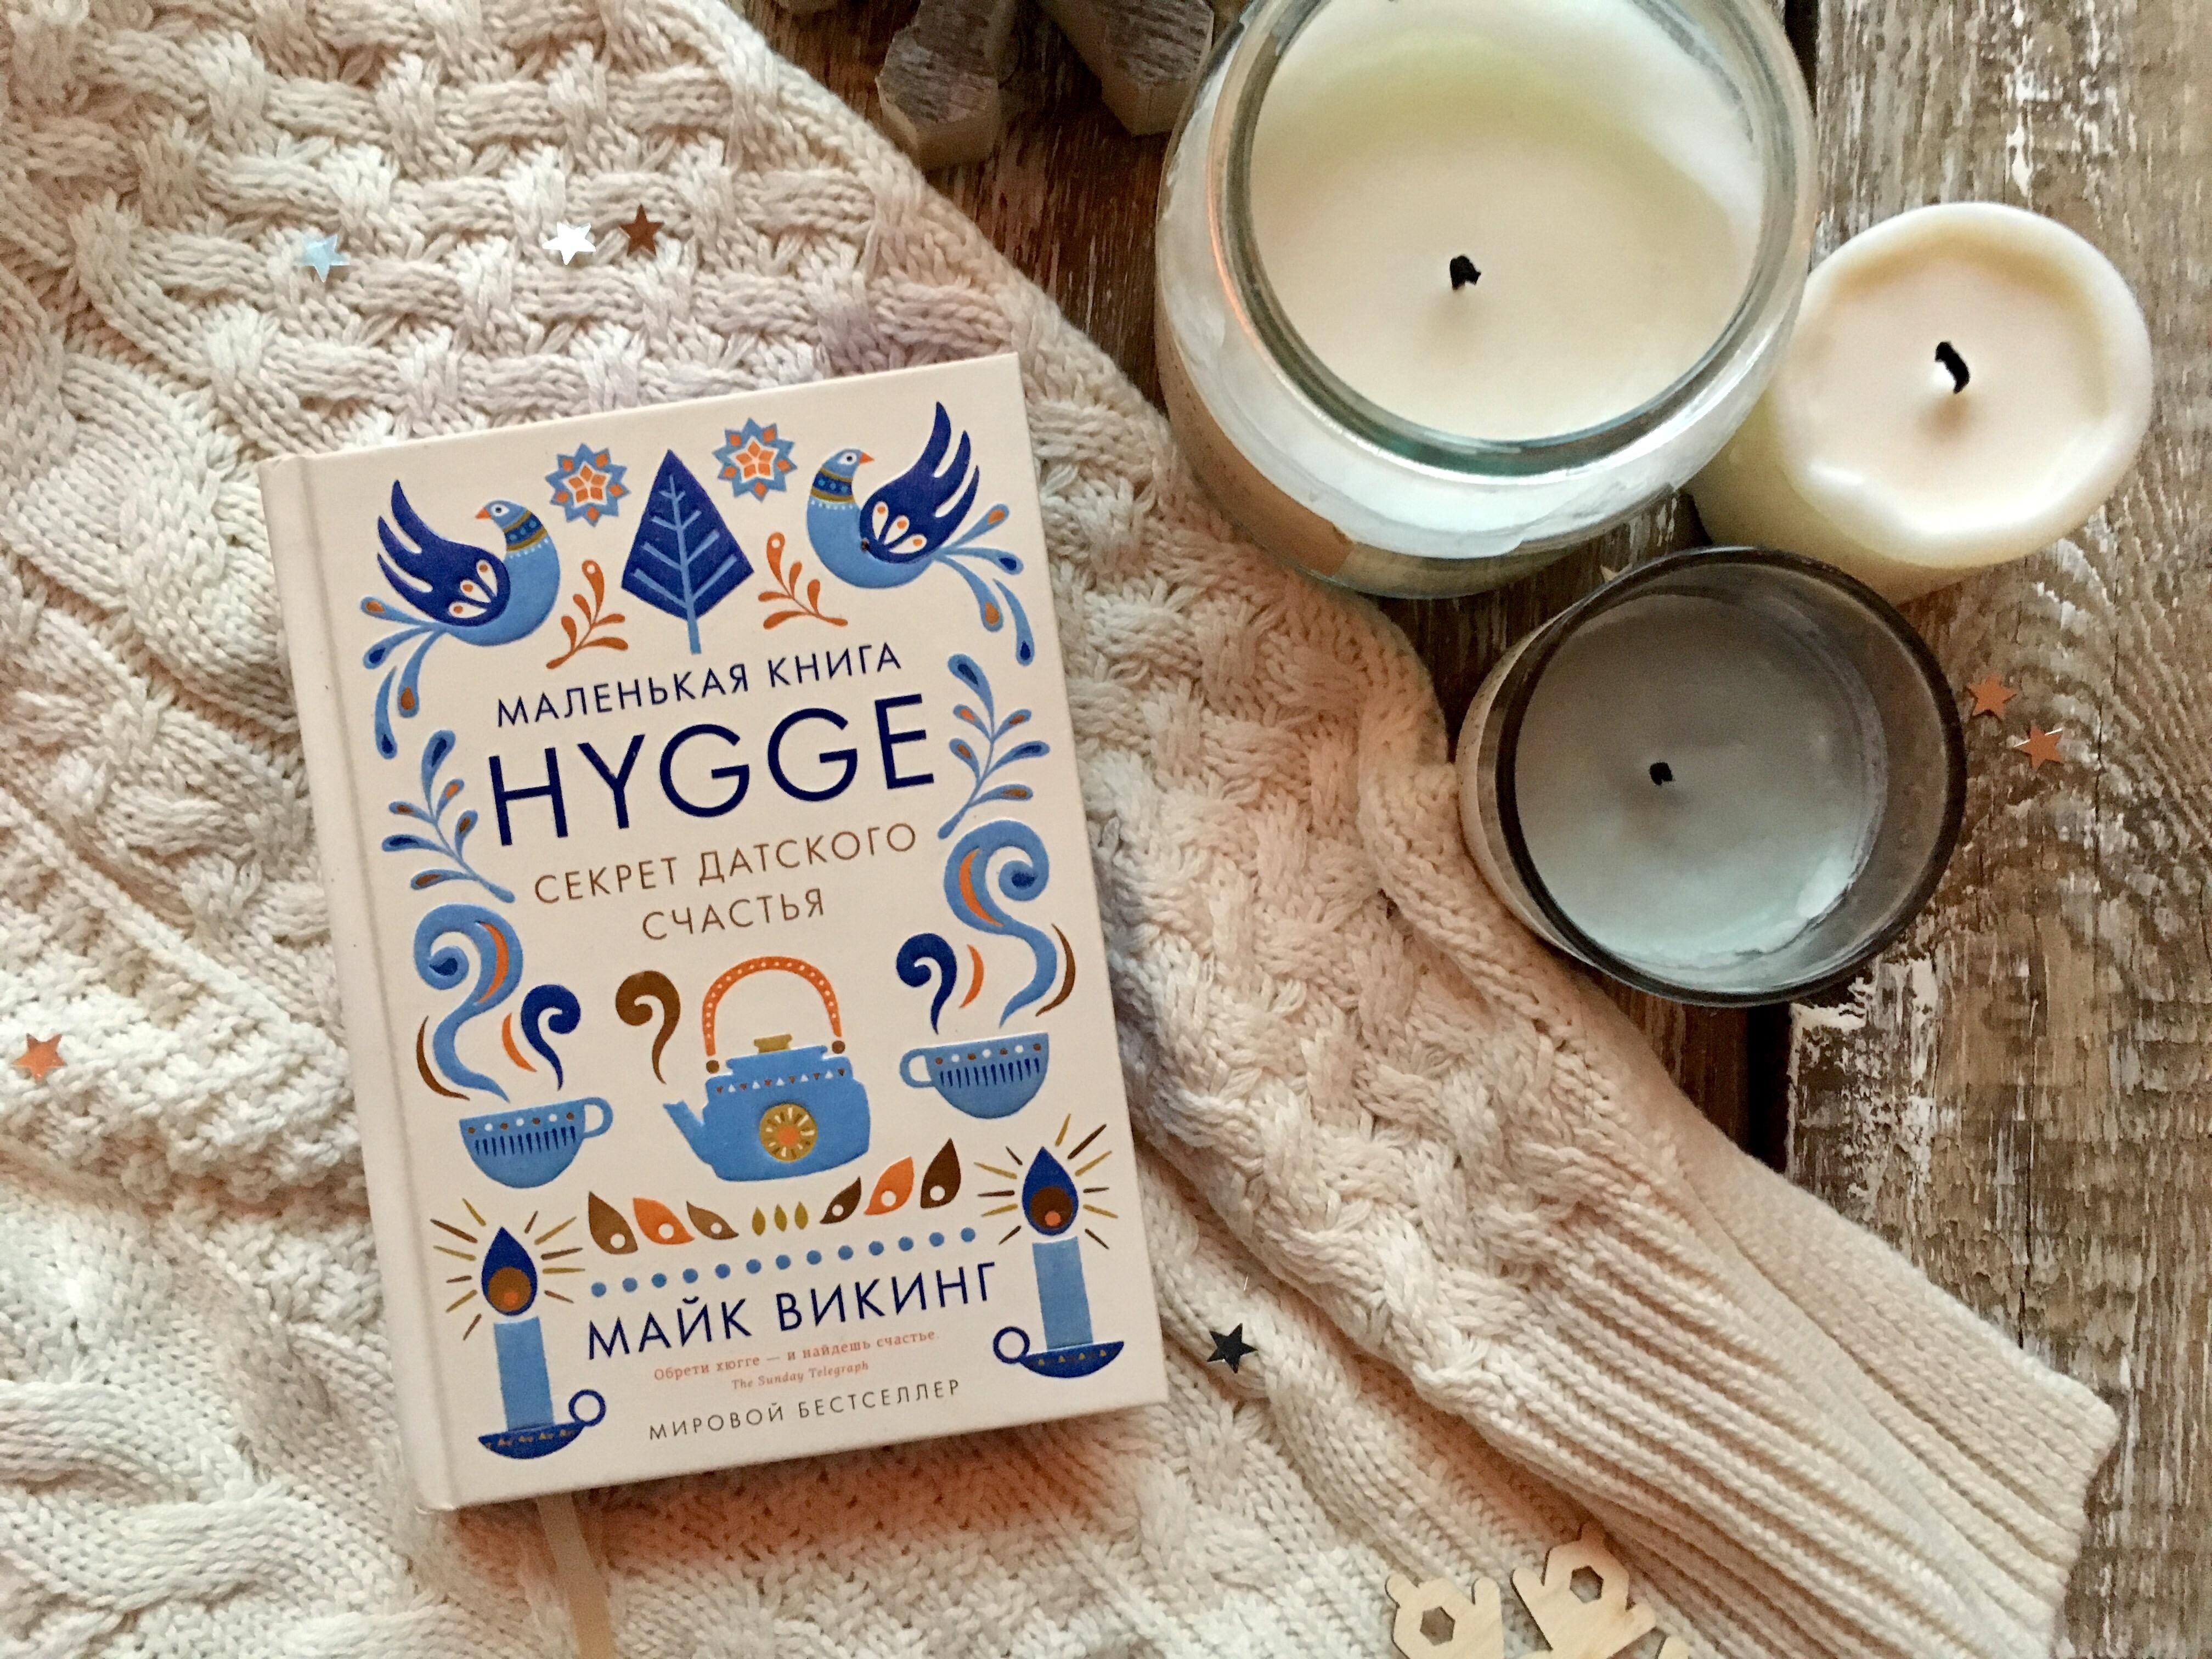 Hygge Хюгге что это такое